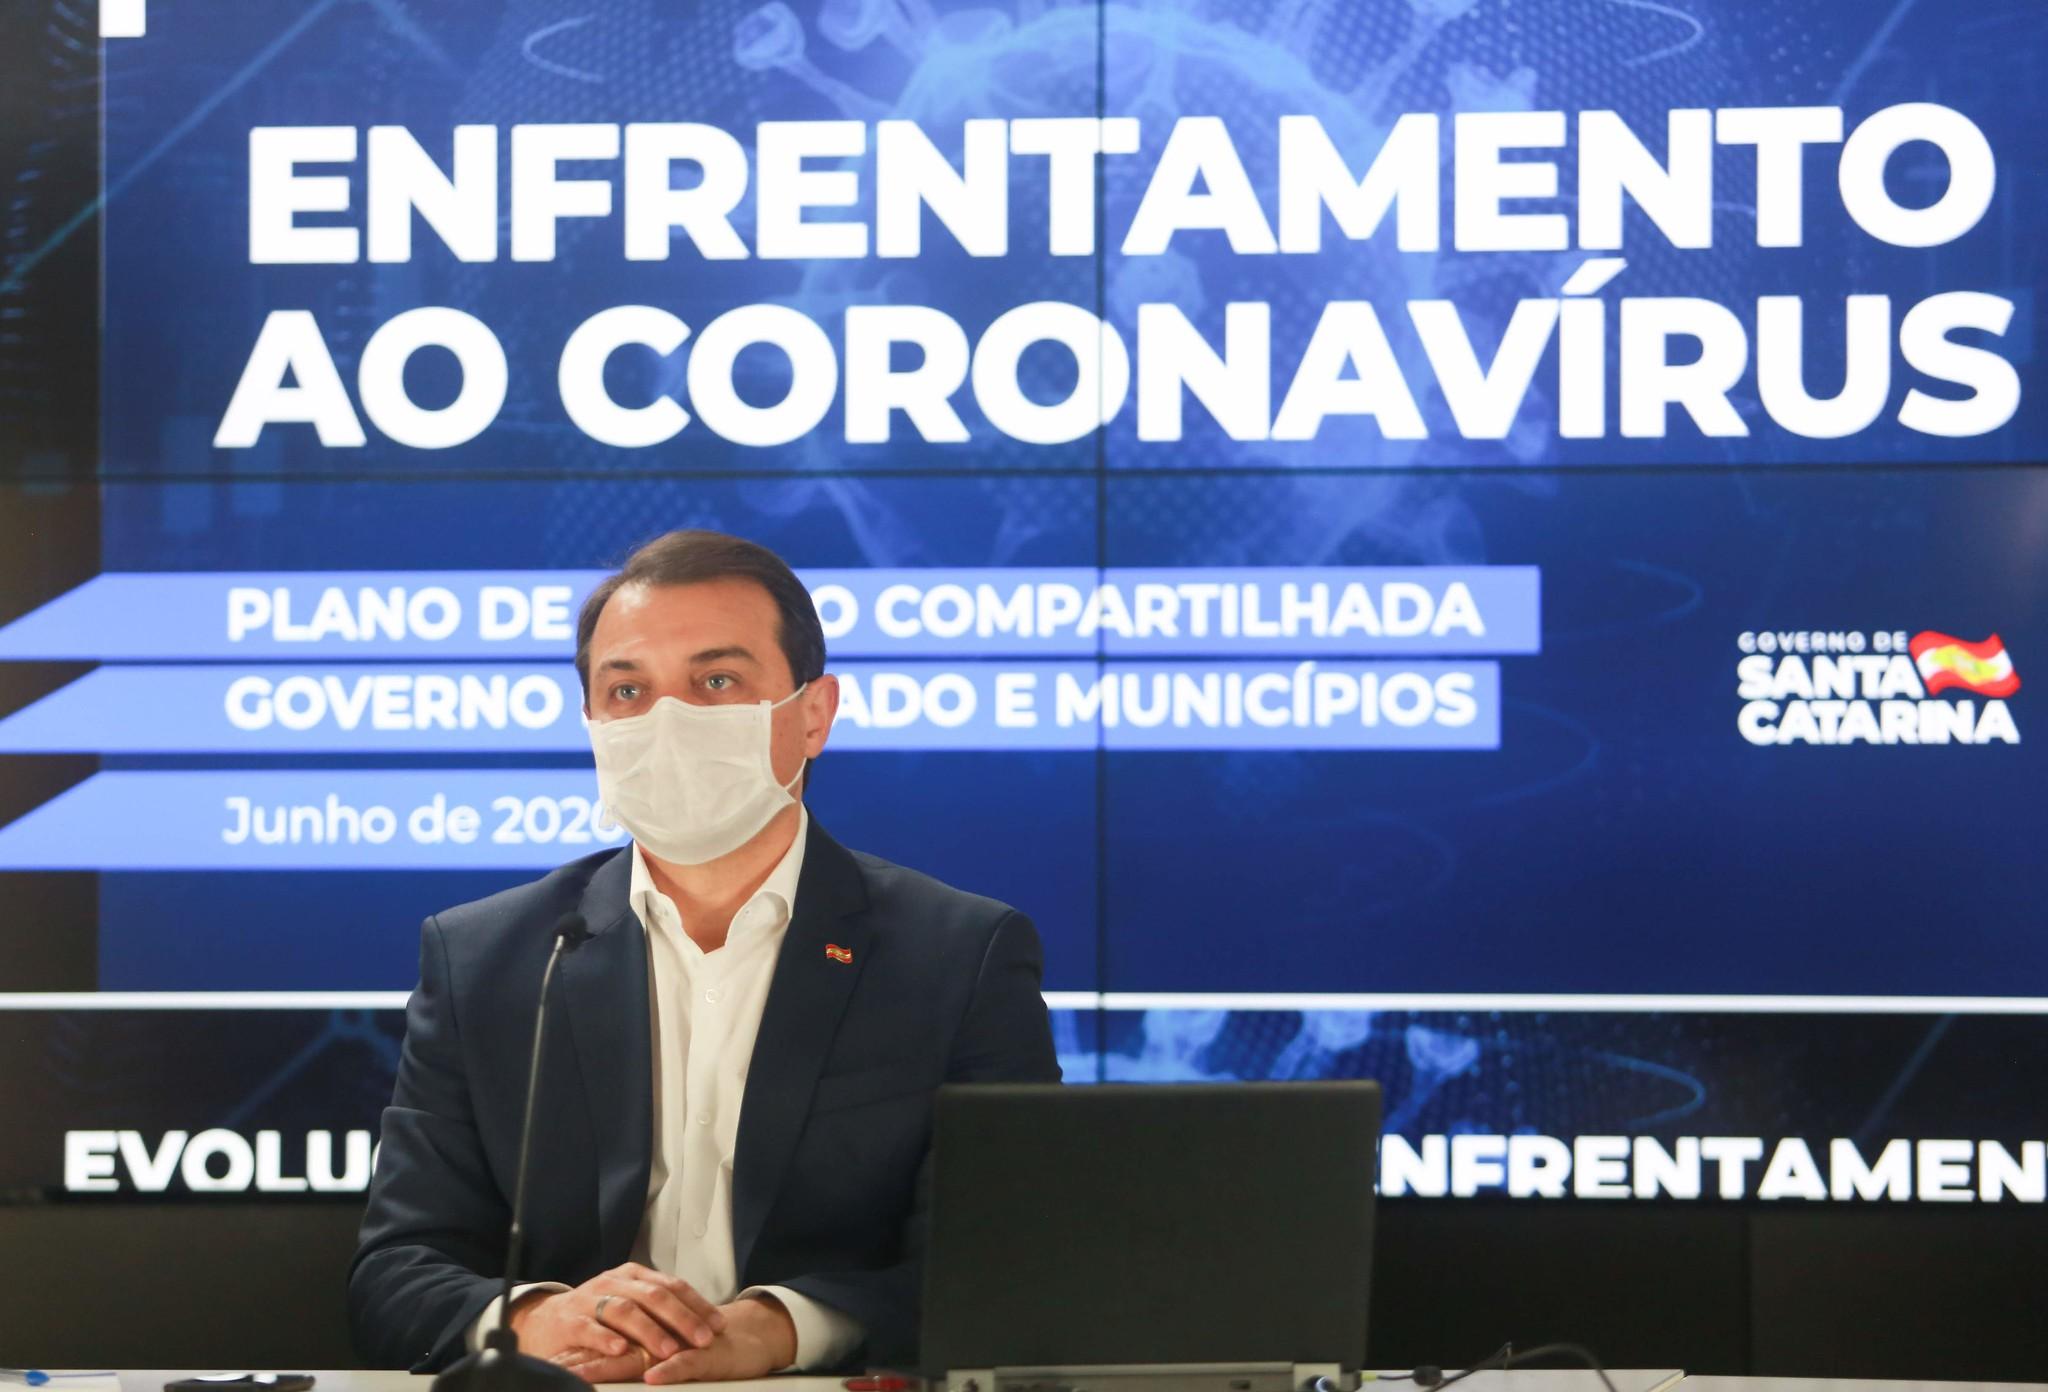 Governador de Santa Catarina Carlos Moises. Foto: Foto: Júlio Cavalheiro / Secom